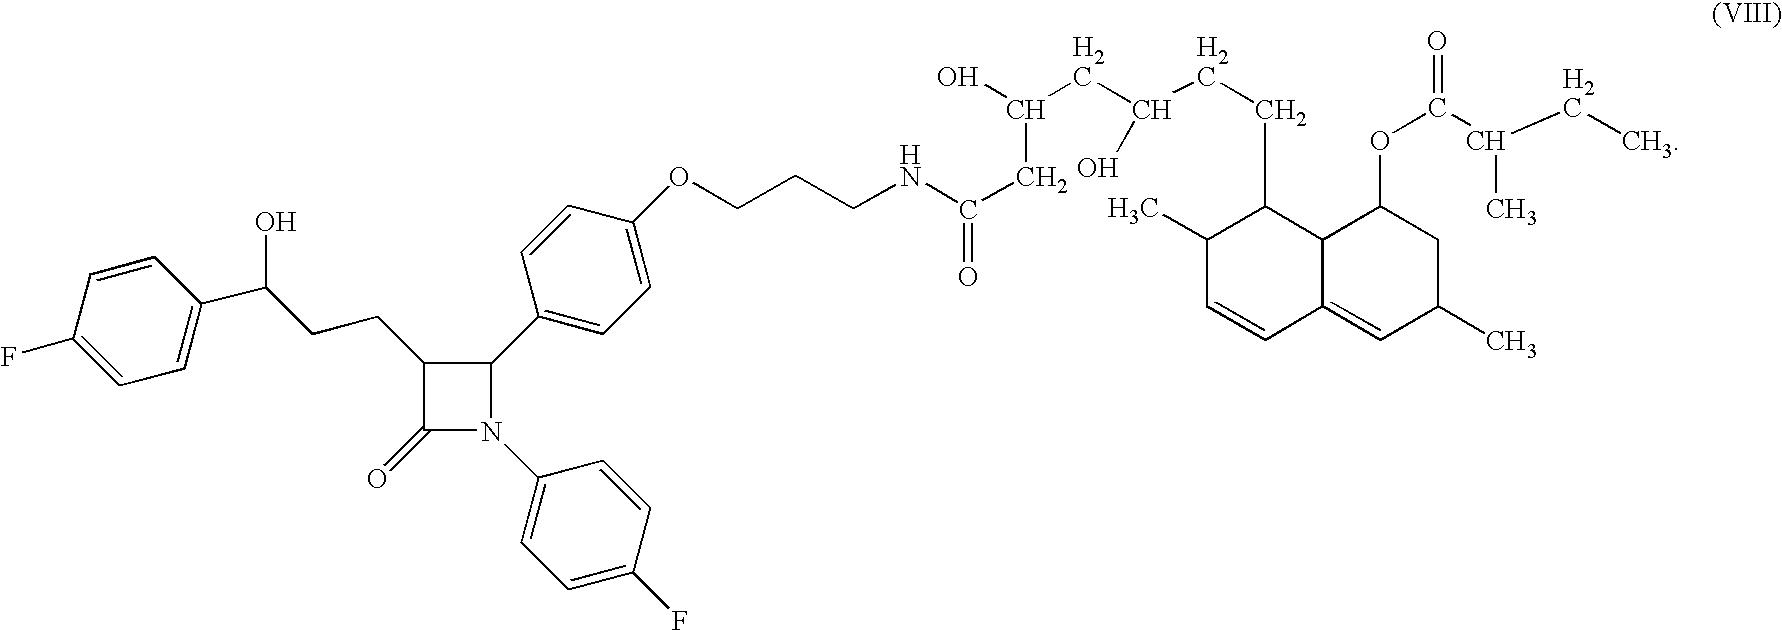 Figure US07741289-20100622-C00021